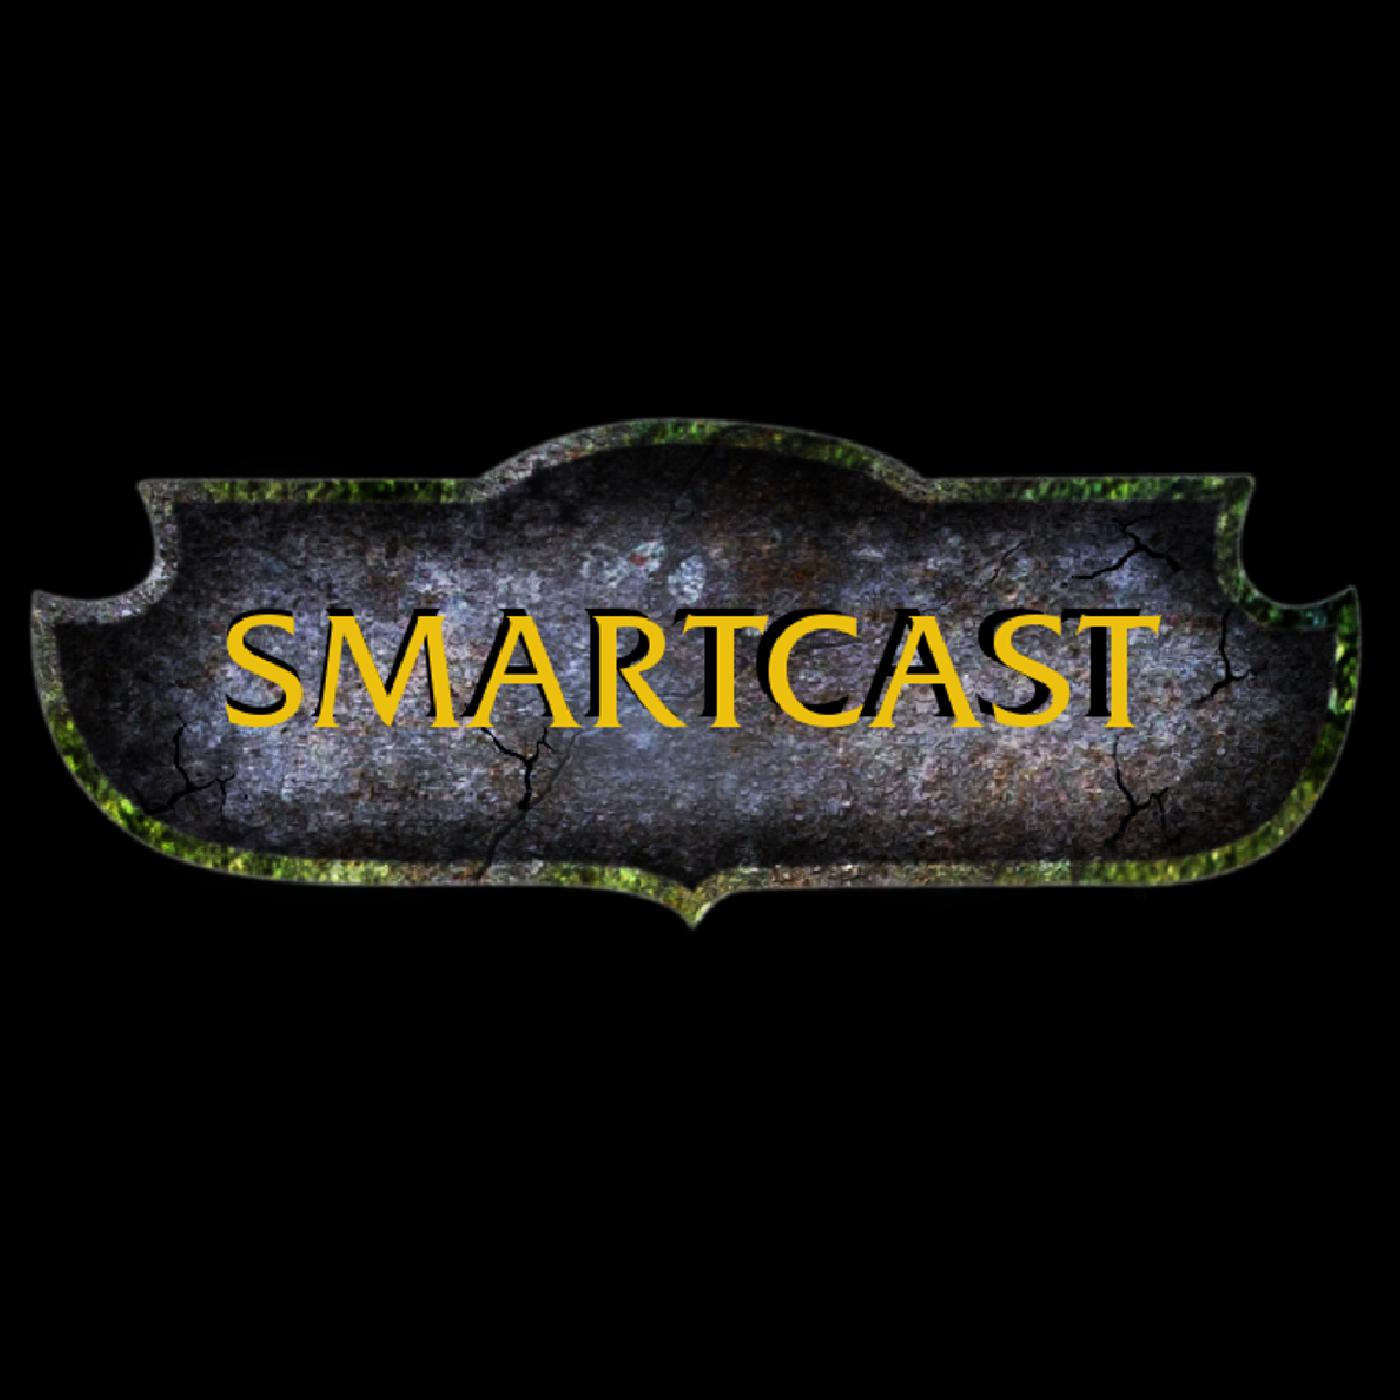 SmartCast Esports